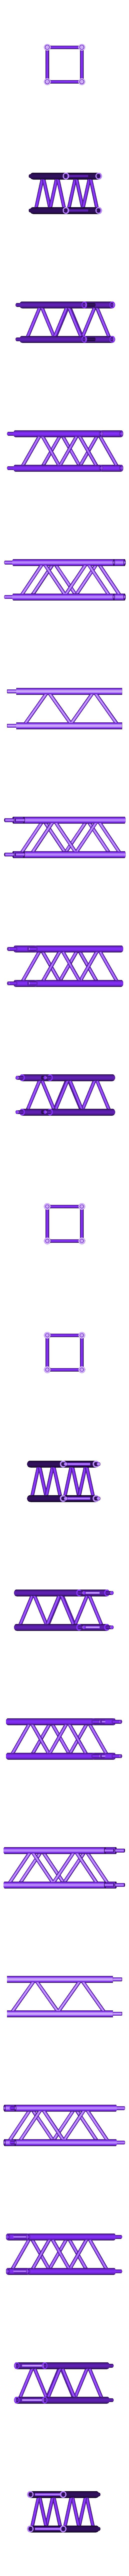 Ultimate_Crane_Floors_x3.stl Télécharger fichier STL gratuit Grue multi-pièces • Plan imprimable en 3D, ernestwallon3D